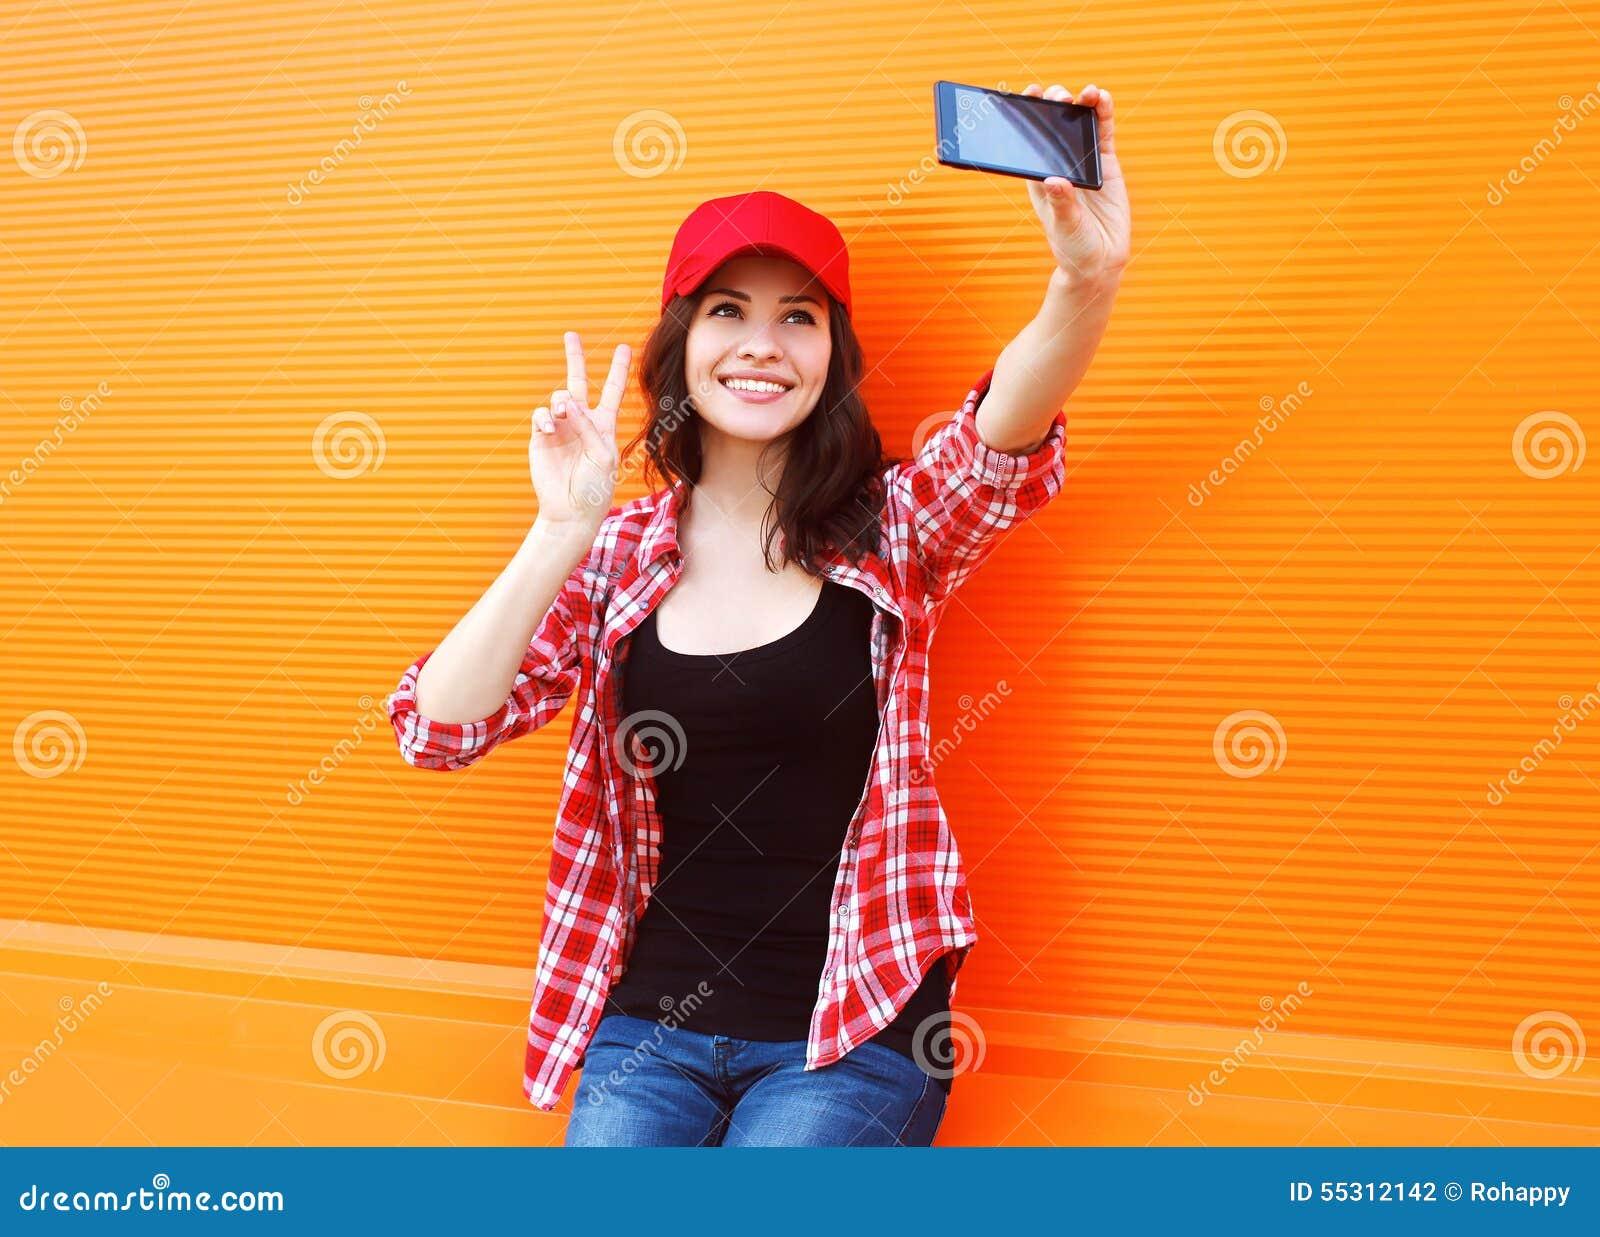 Mode, Technologie und Leutekonzept - glückliches hübsches Mädchen